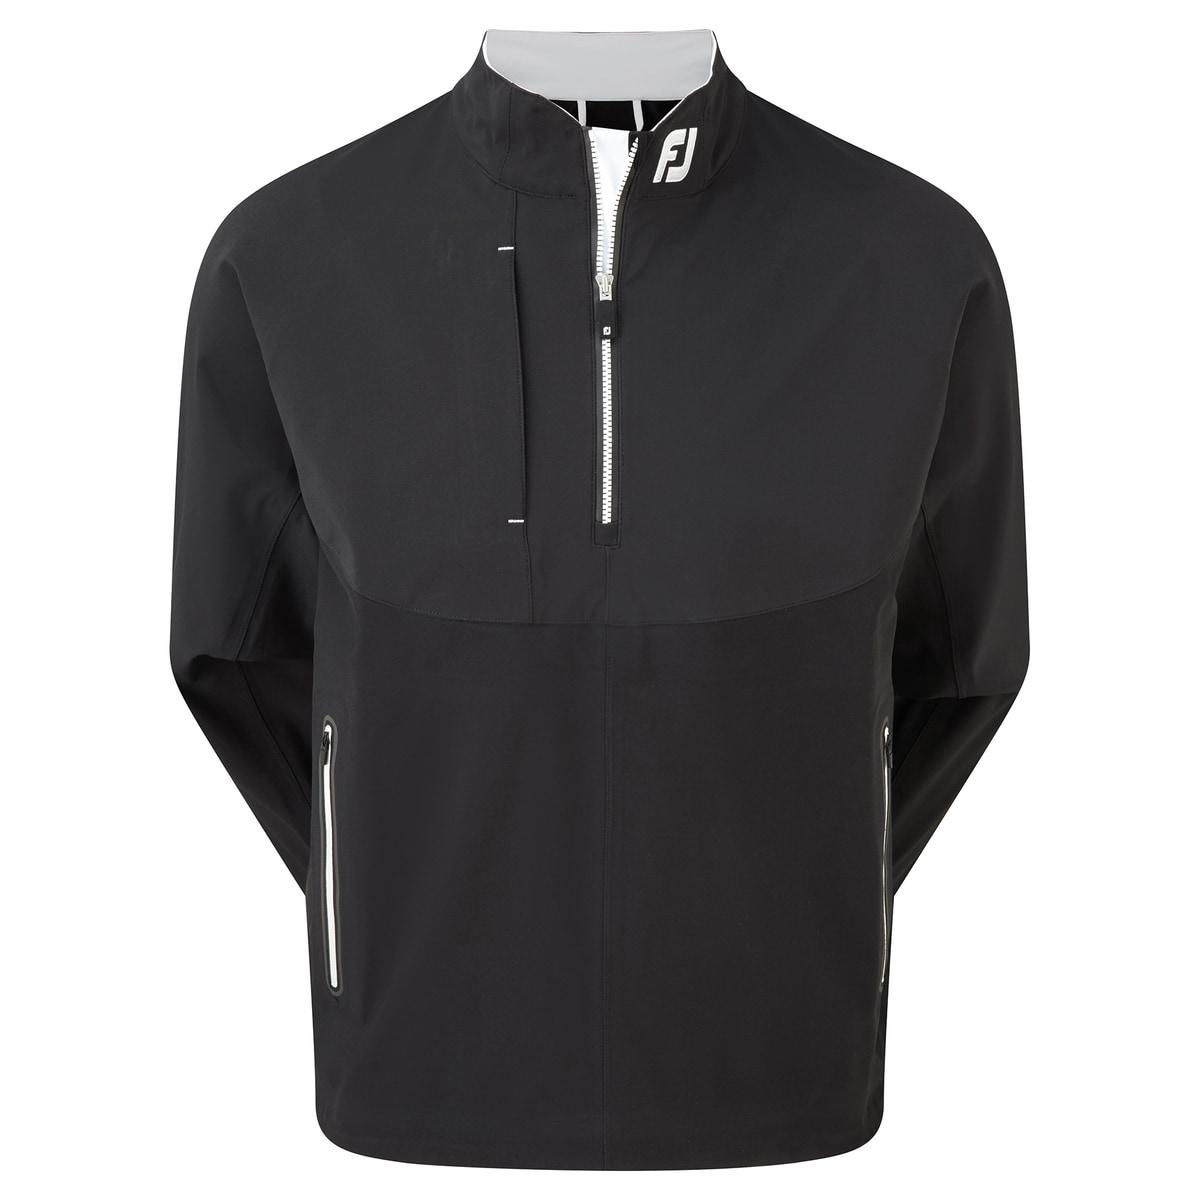 DryJoys Tour LTS Rain Shirt